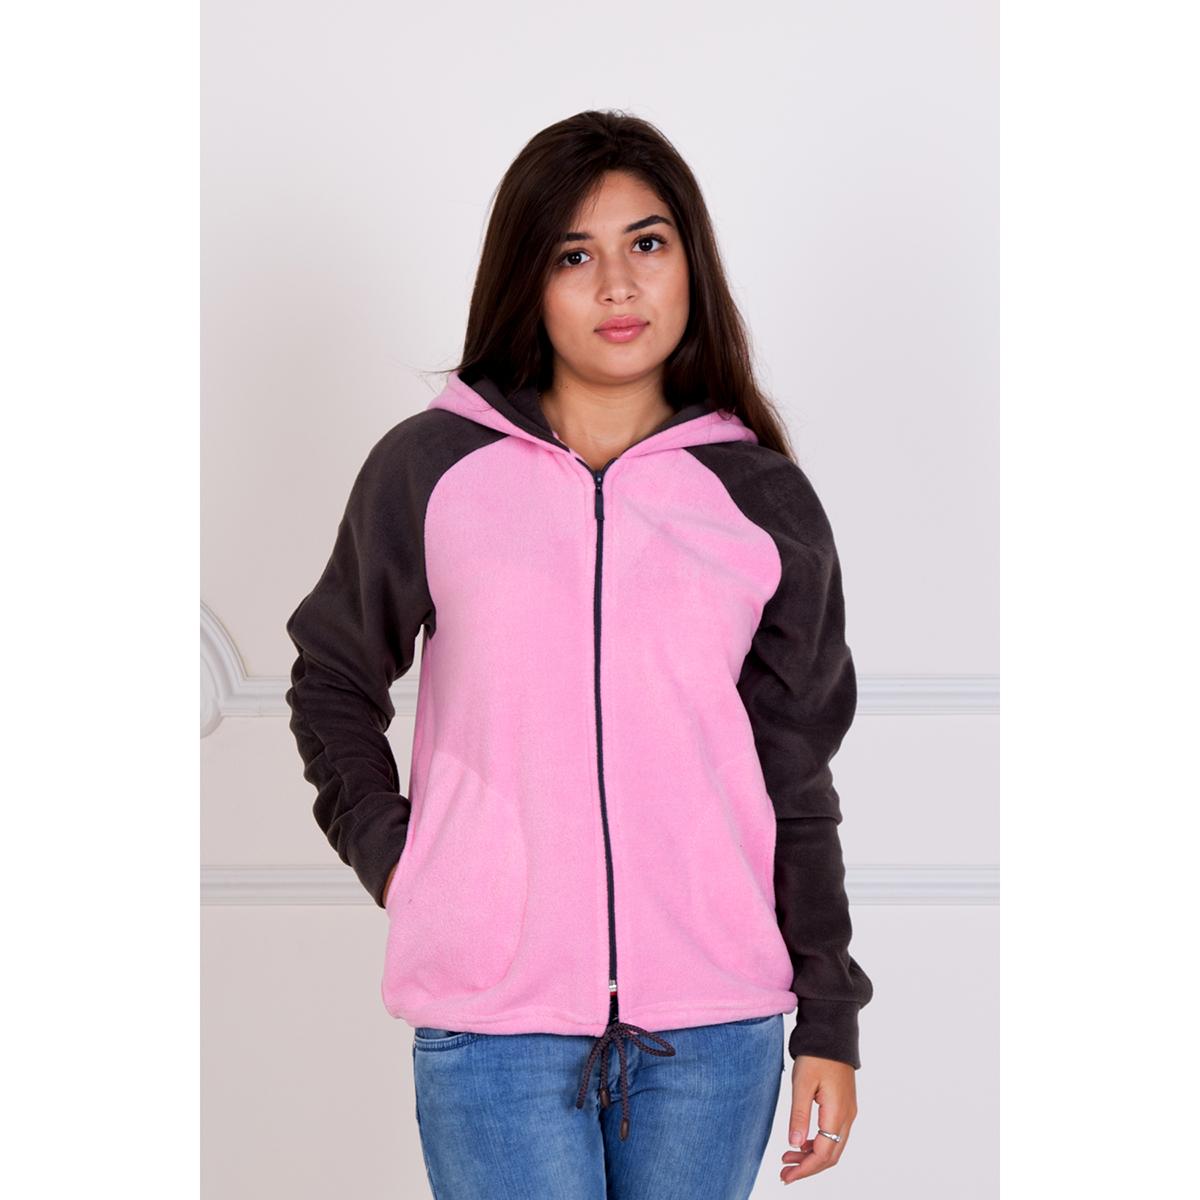 Женская толстовка Карина, размер 50Толстовки, куртки, джемпера<br>Обхват груди:100 см<br>Обхват талии:82 см<br>Обхват бедер:108 см<br>Рост:167 см<br><br>Тип: Жен. толстовка<br>Размер: 50<br>Материал: Флис